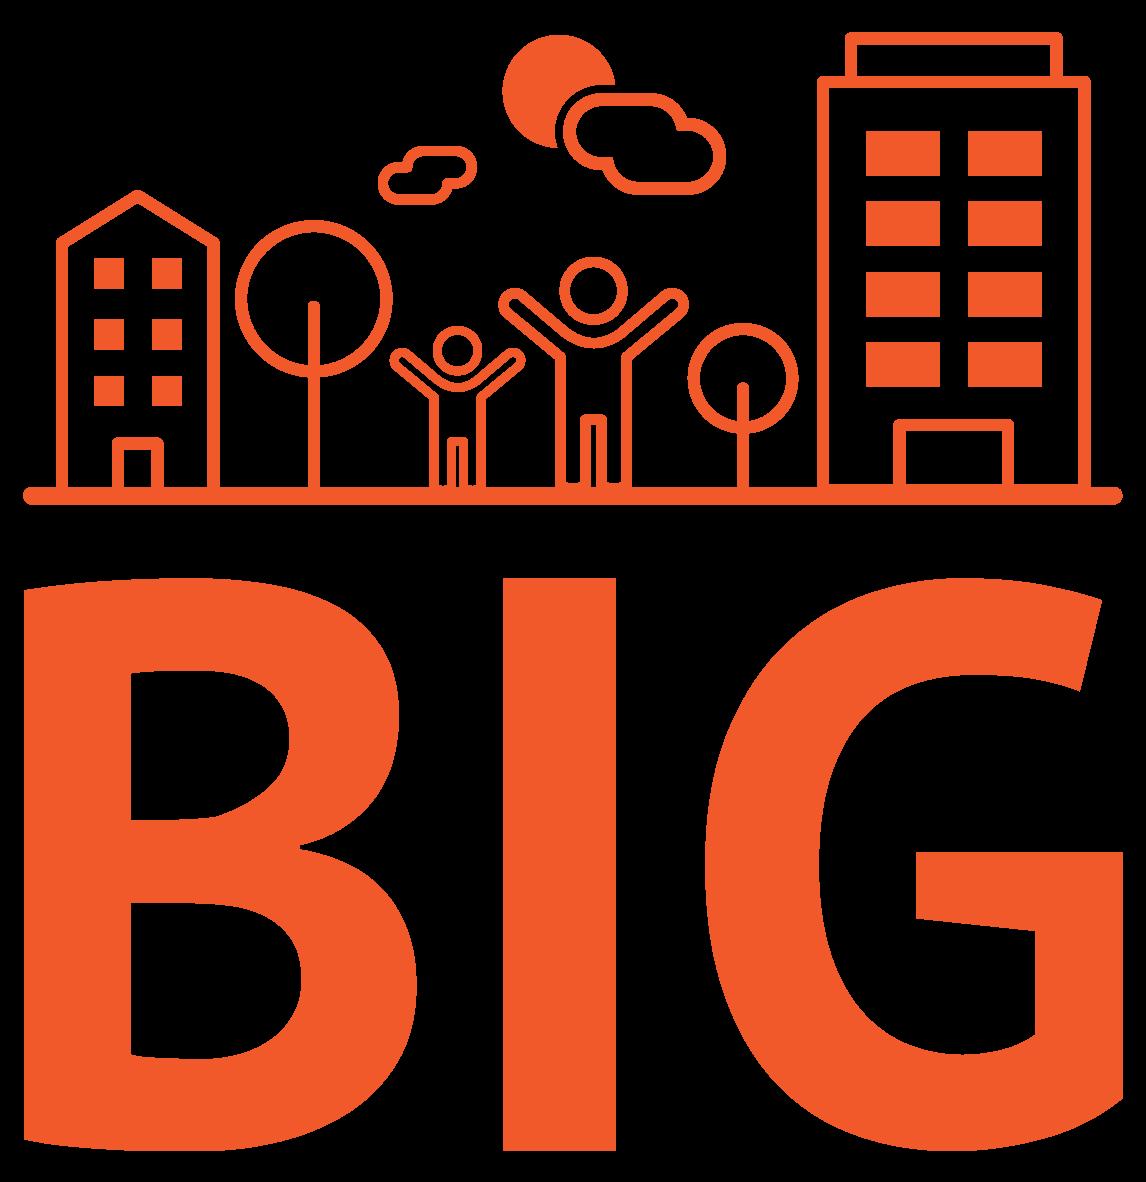 BIG project logo